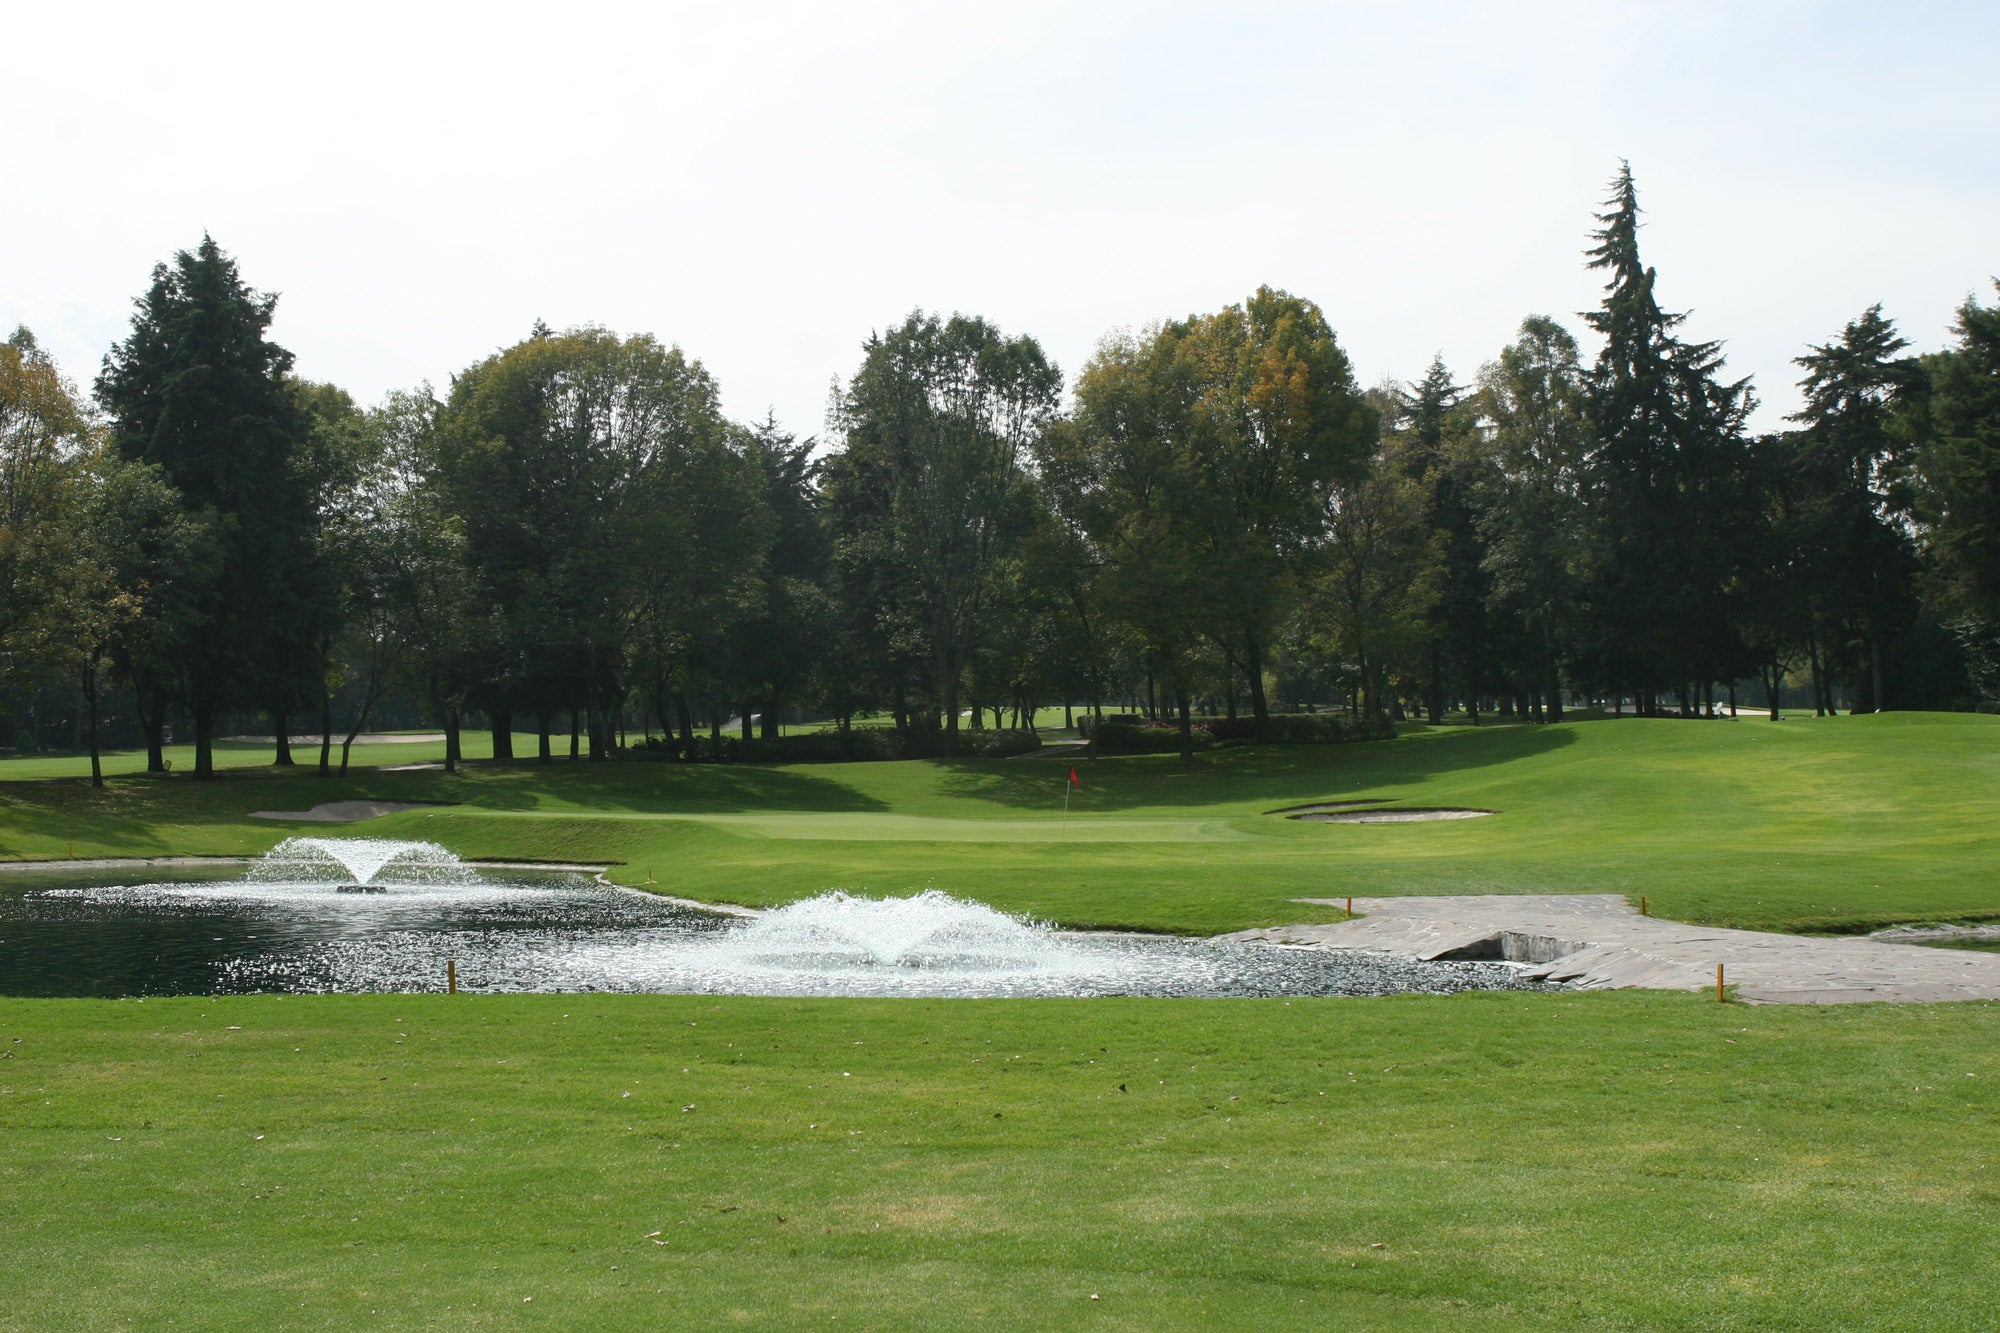 Club de Golf Chapultepec in Mexico: Photos